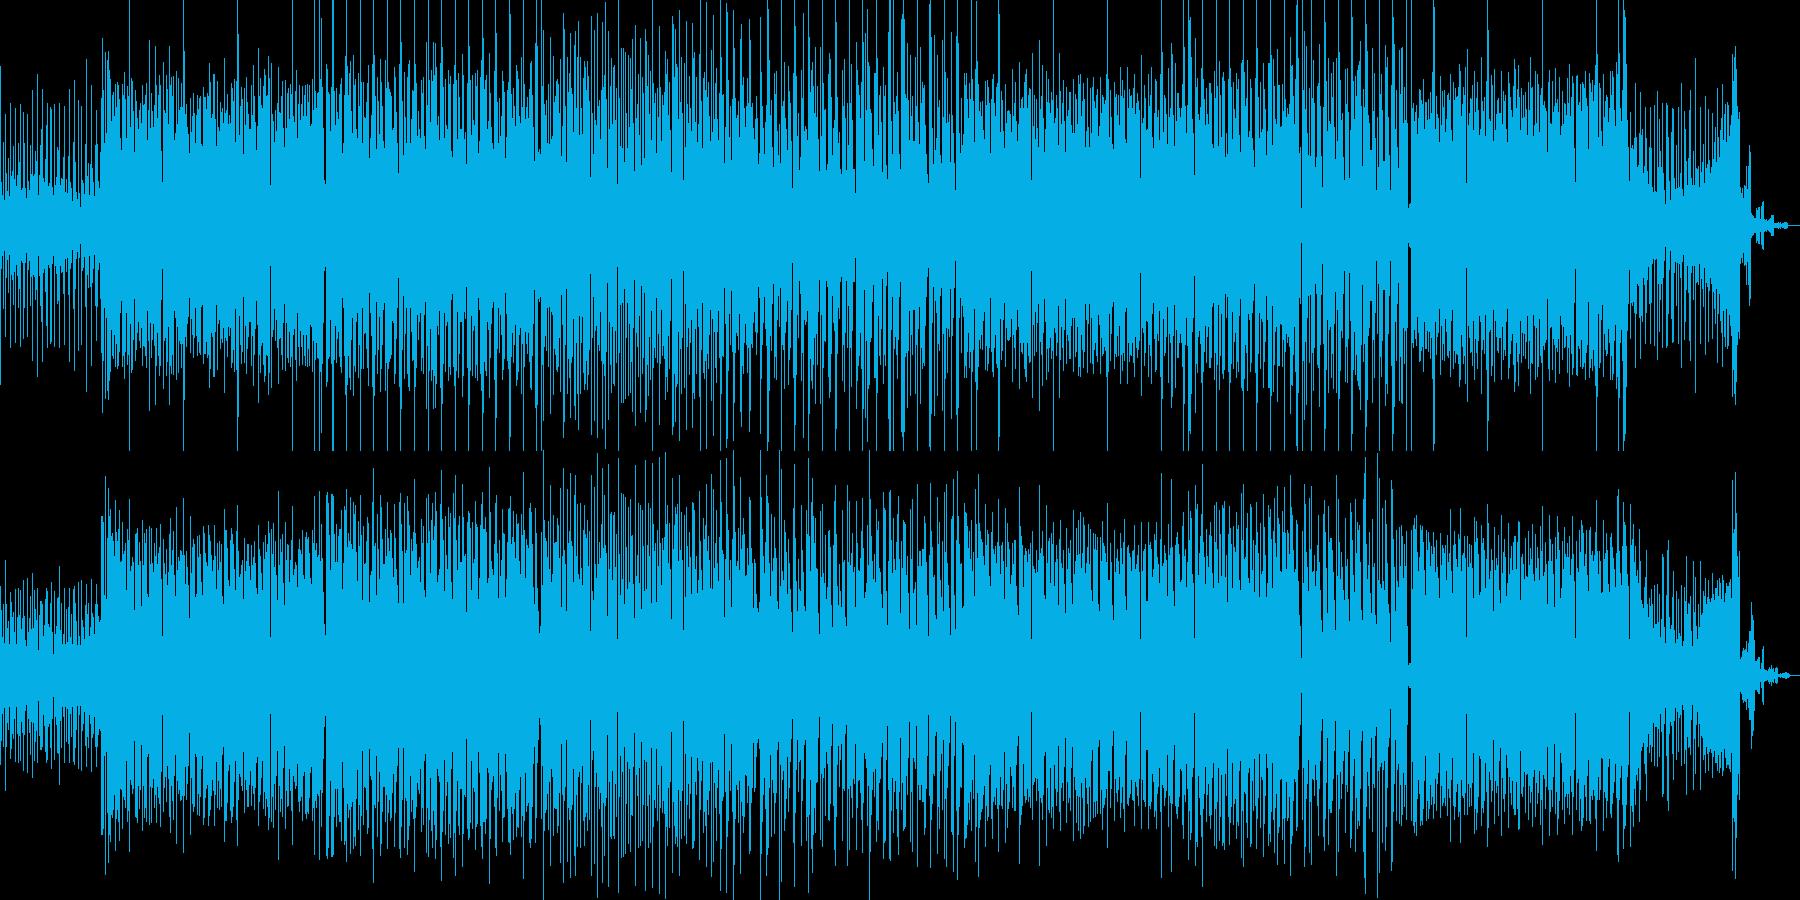 ポップでノリのいいEDMミュージックの再生済みの波形